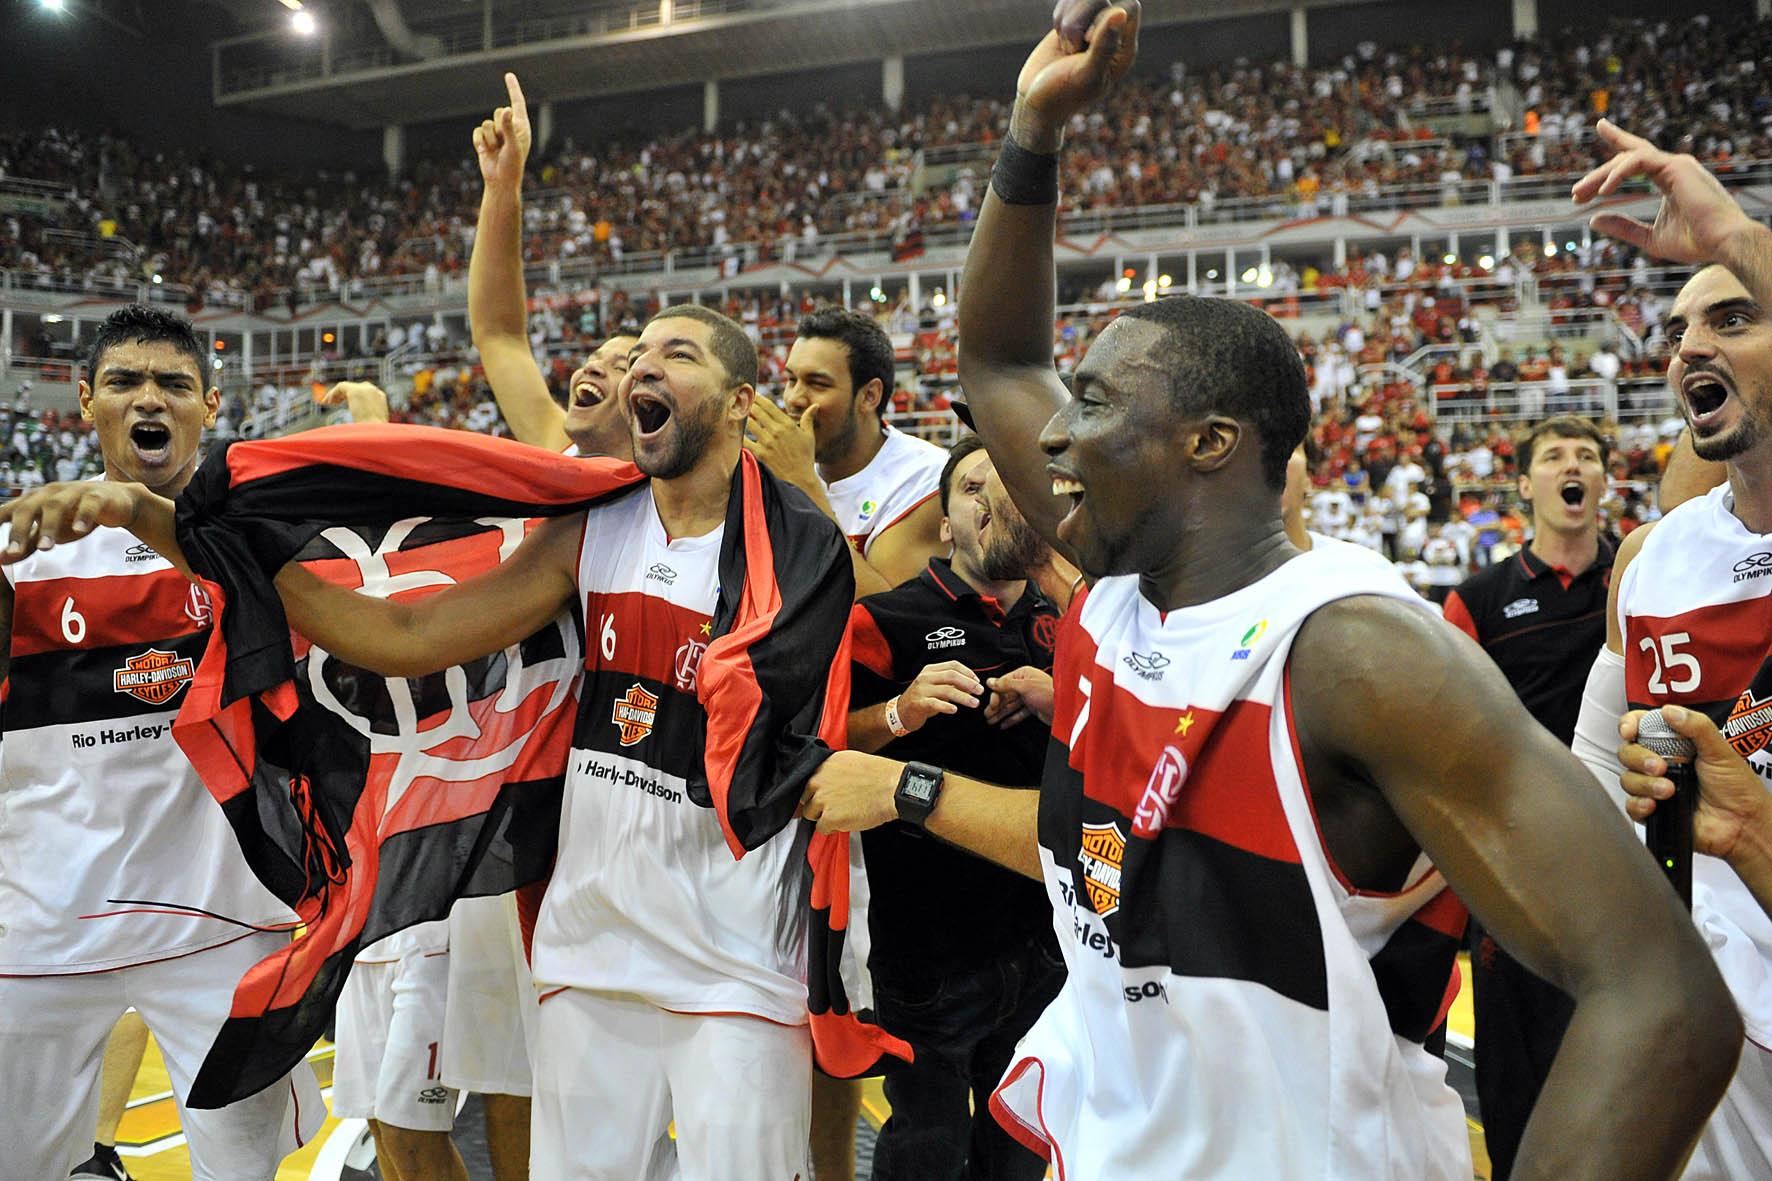 Comemoração do Flamengo